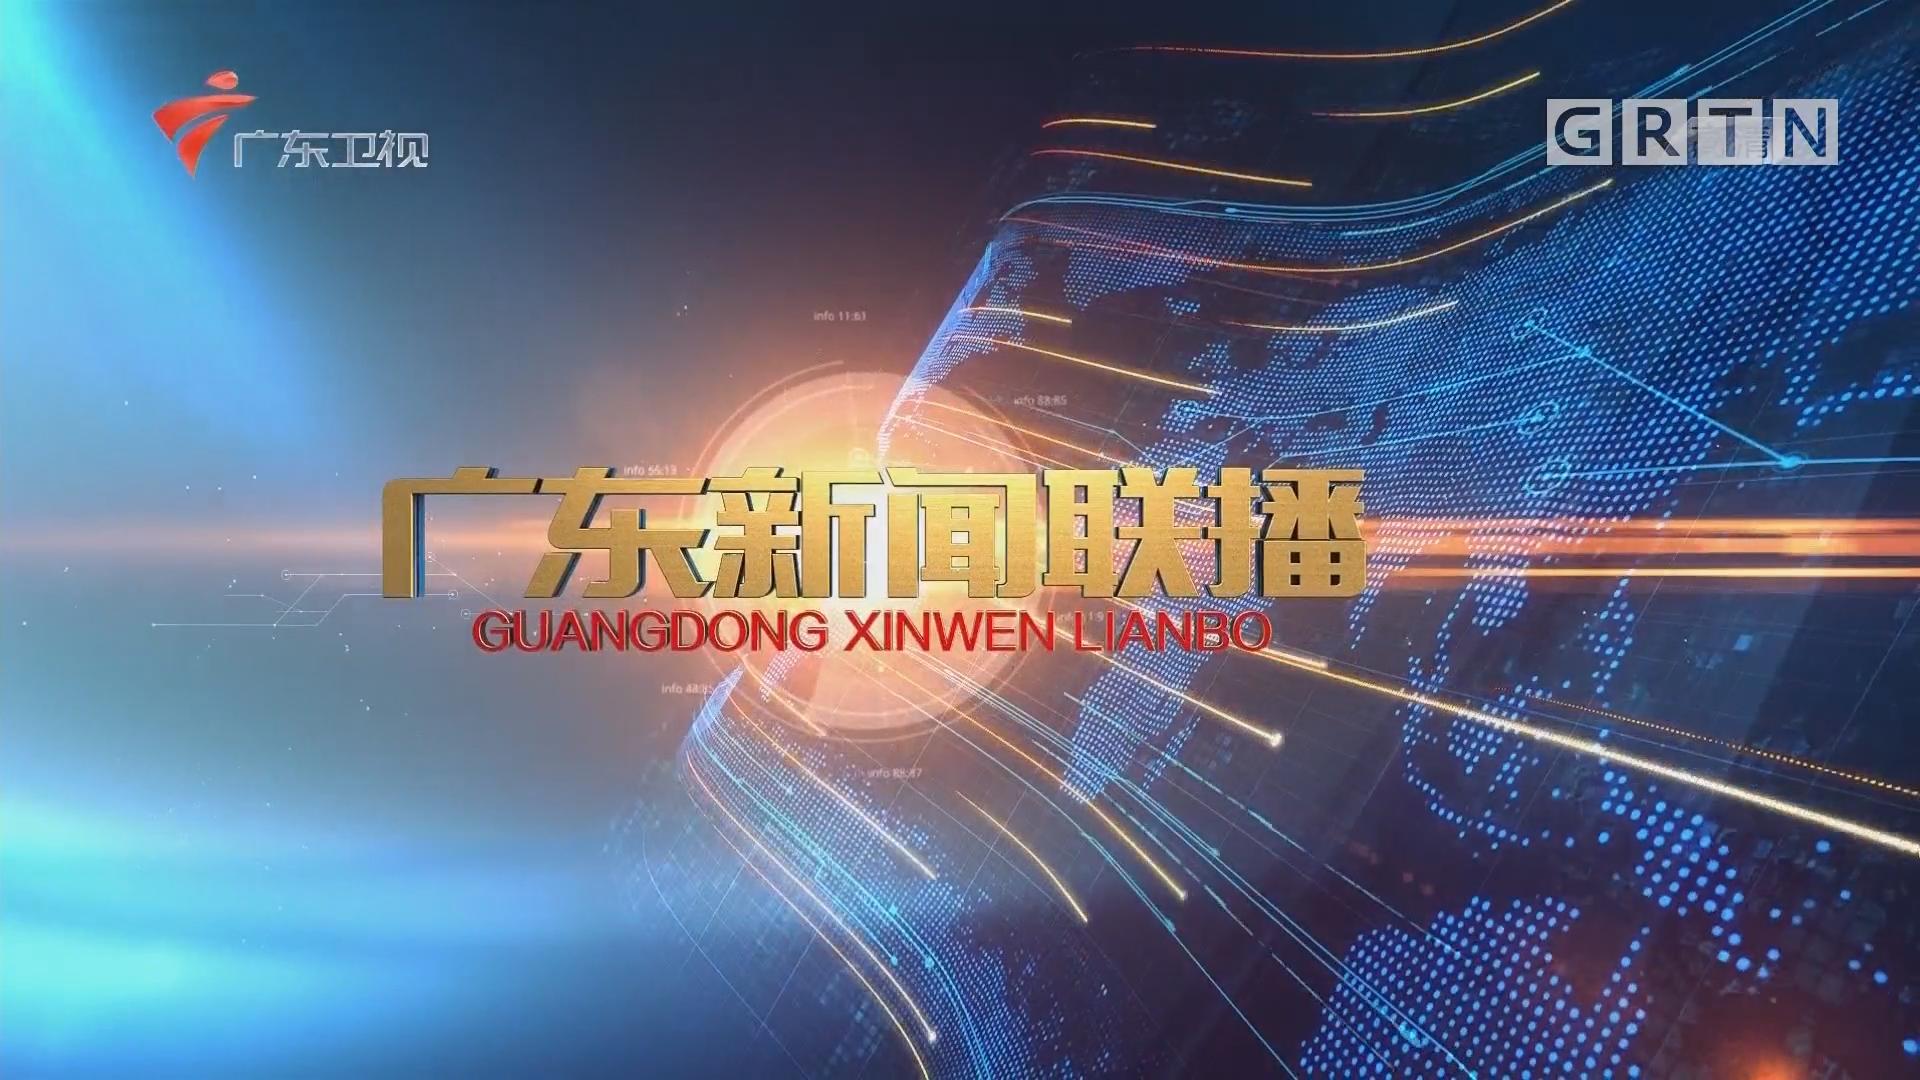 [HD][2018-09-28]广东新闻联播:全省宣传思想工作会议在广州召开 李希出席会议并讲话 马兴瑞主持会议